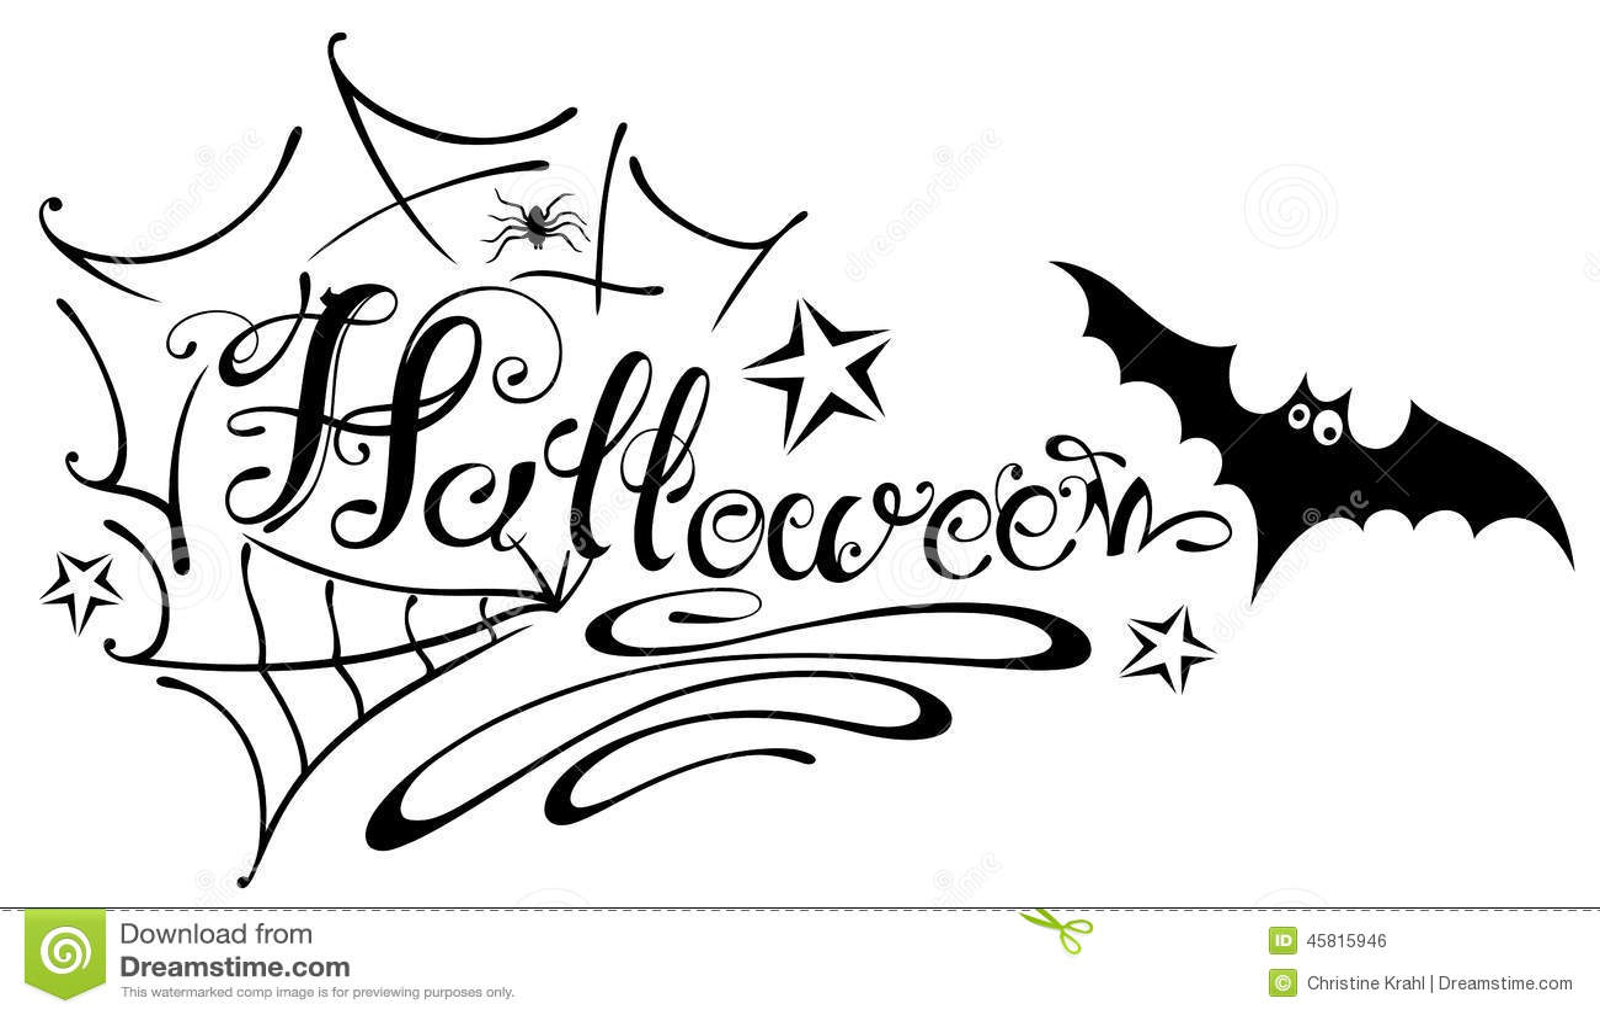 bat halloween lettering spider - Halloween Spider